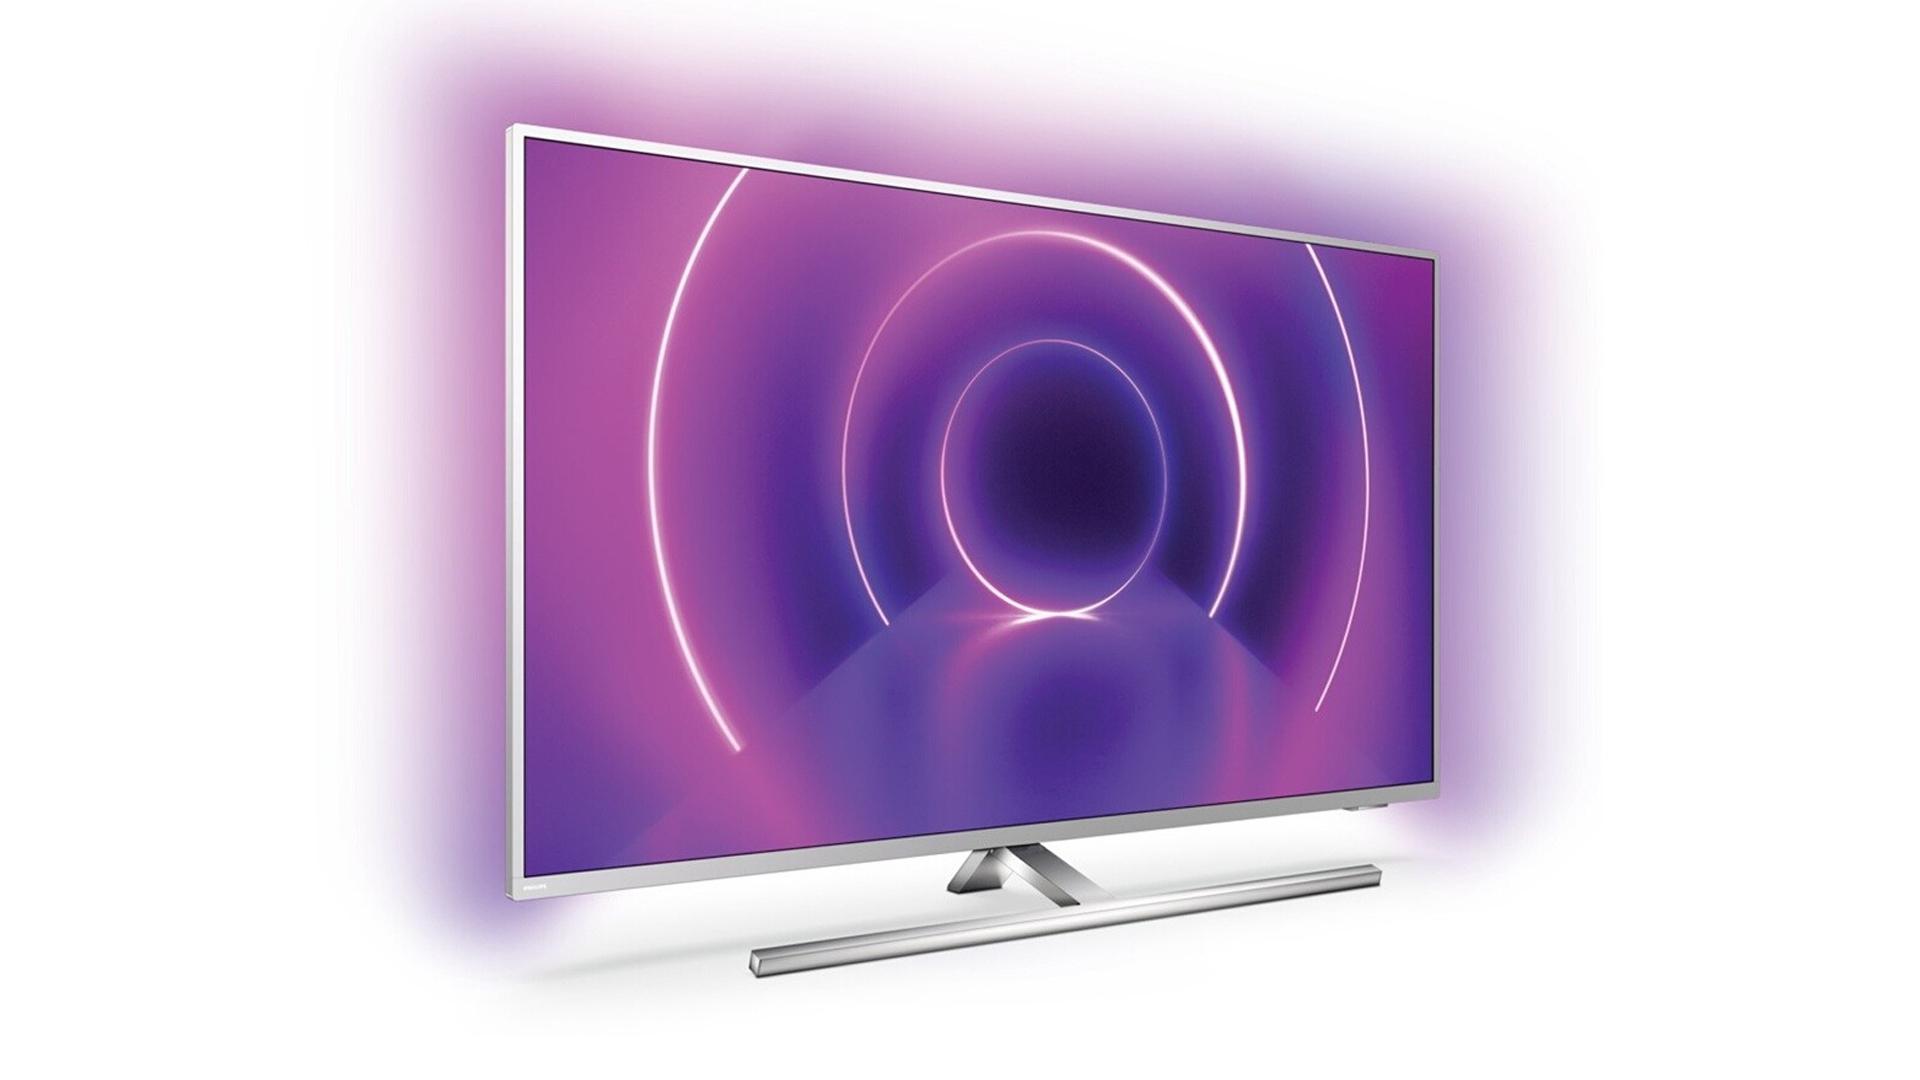 La dernière génération des TV 4K Philips The One est déjà en promotion